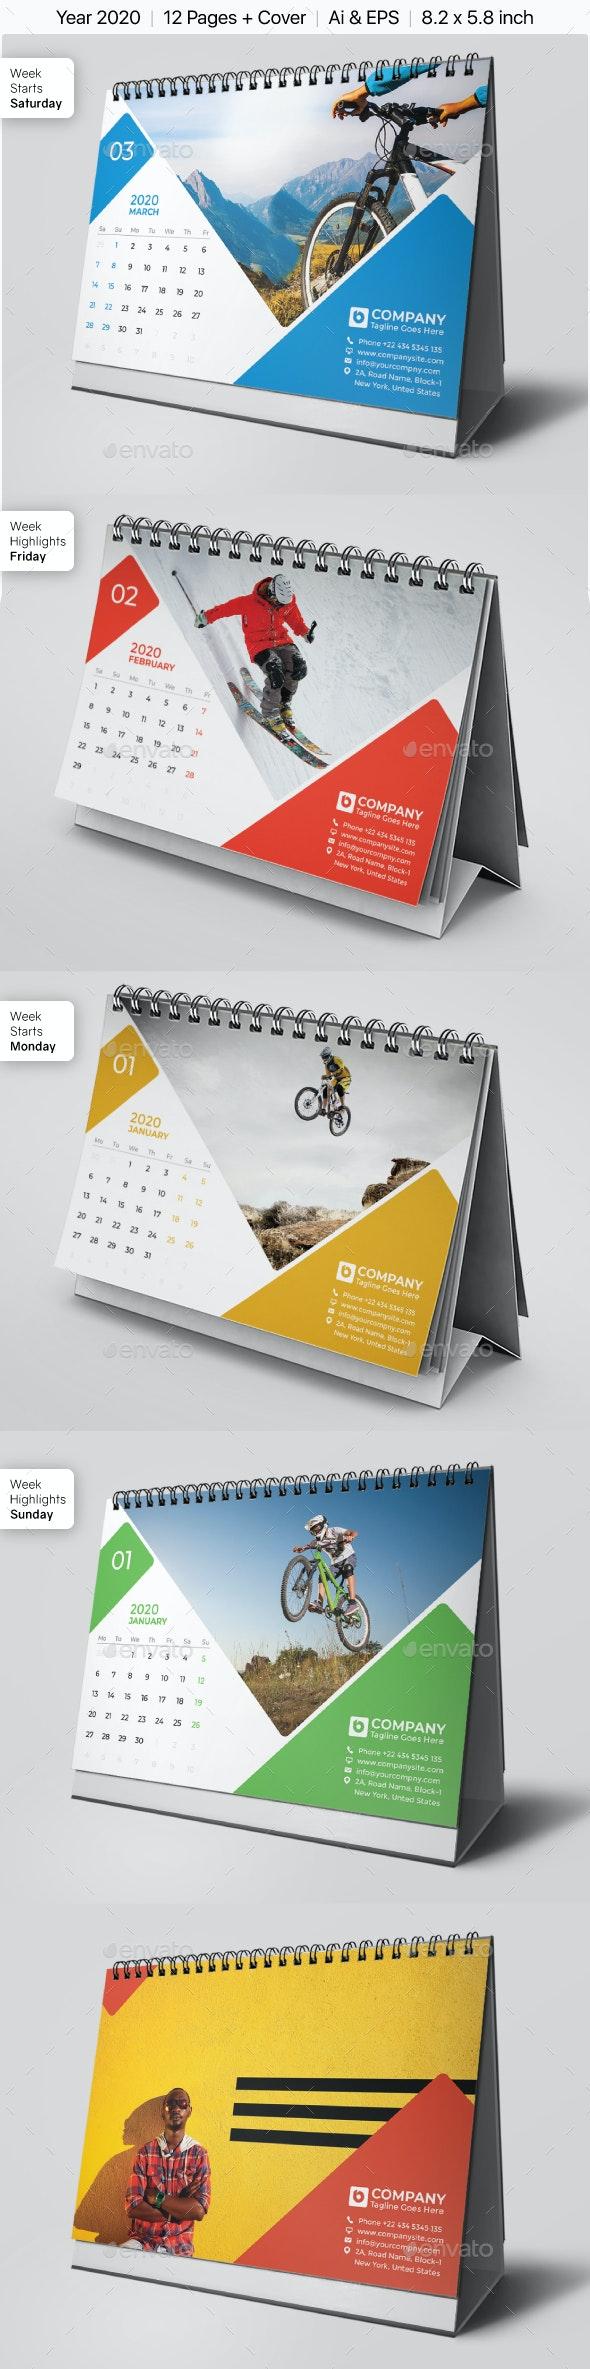 Calendar 2020 - Calendars Stationery